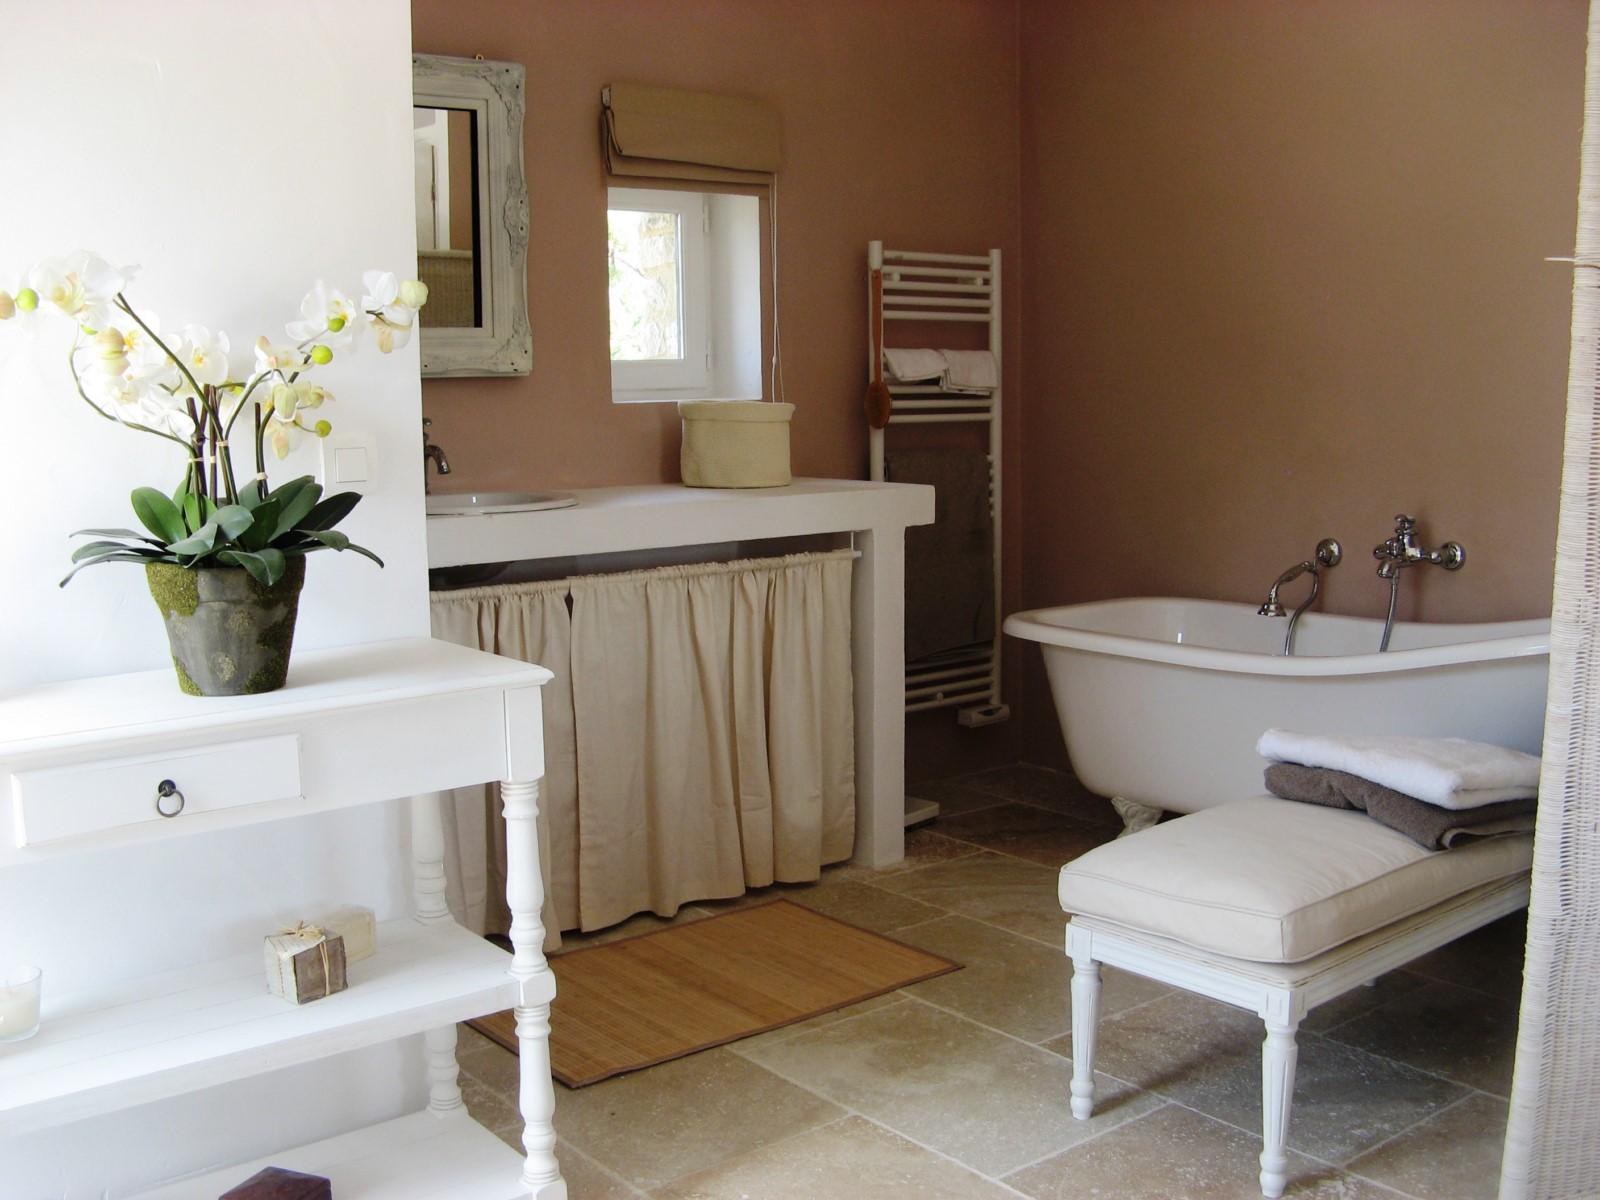 Salle de bains de la chambre du haut de cette location saisonnière en Luberon